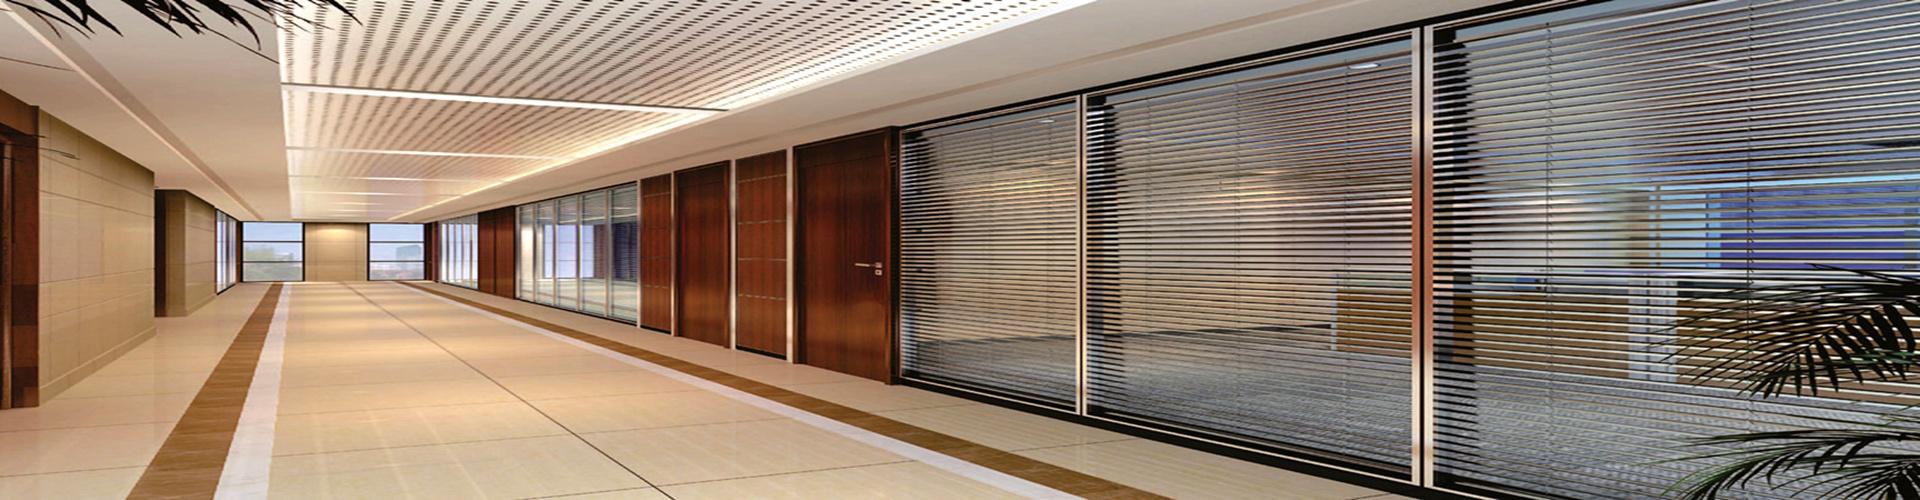 办公隔断融合现代装饰概念乌鲁木齐玻璃高隔断带您瞧